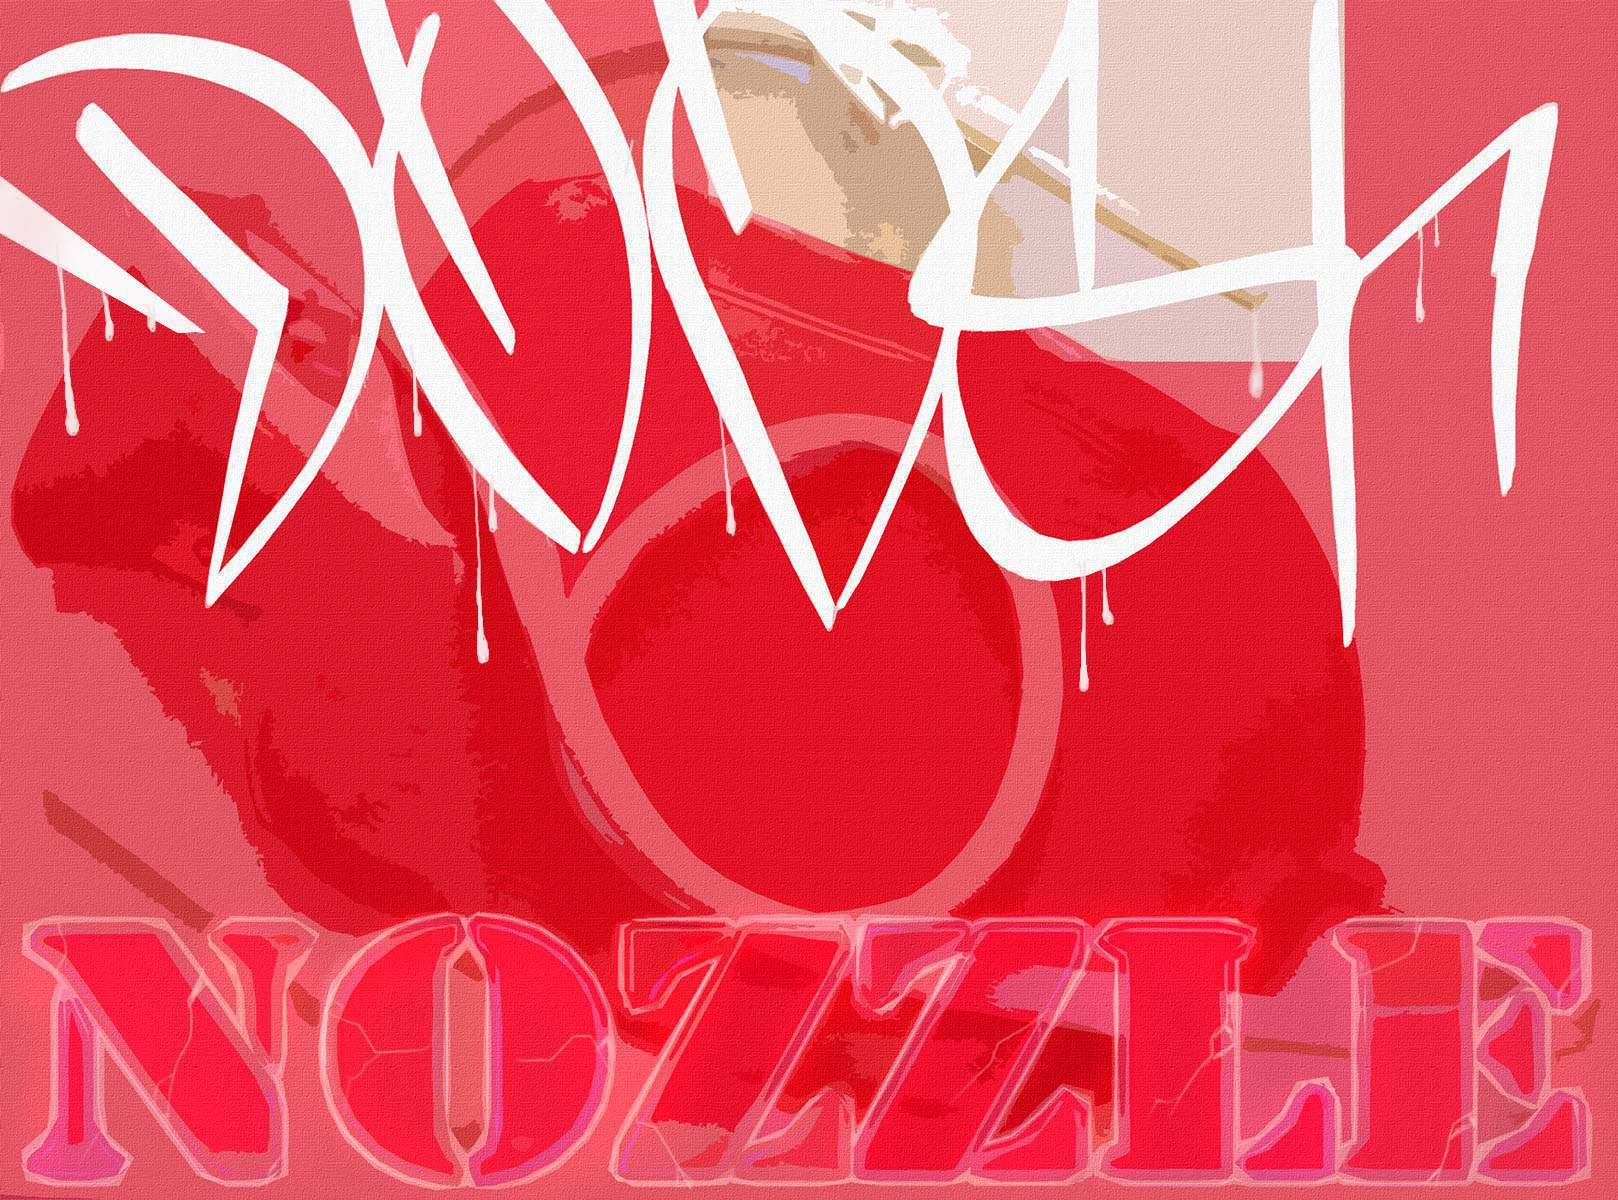 diishnozzle2.jpg